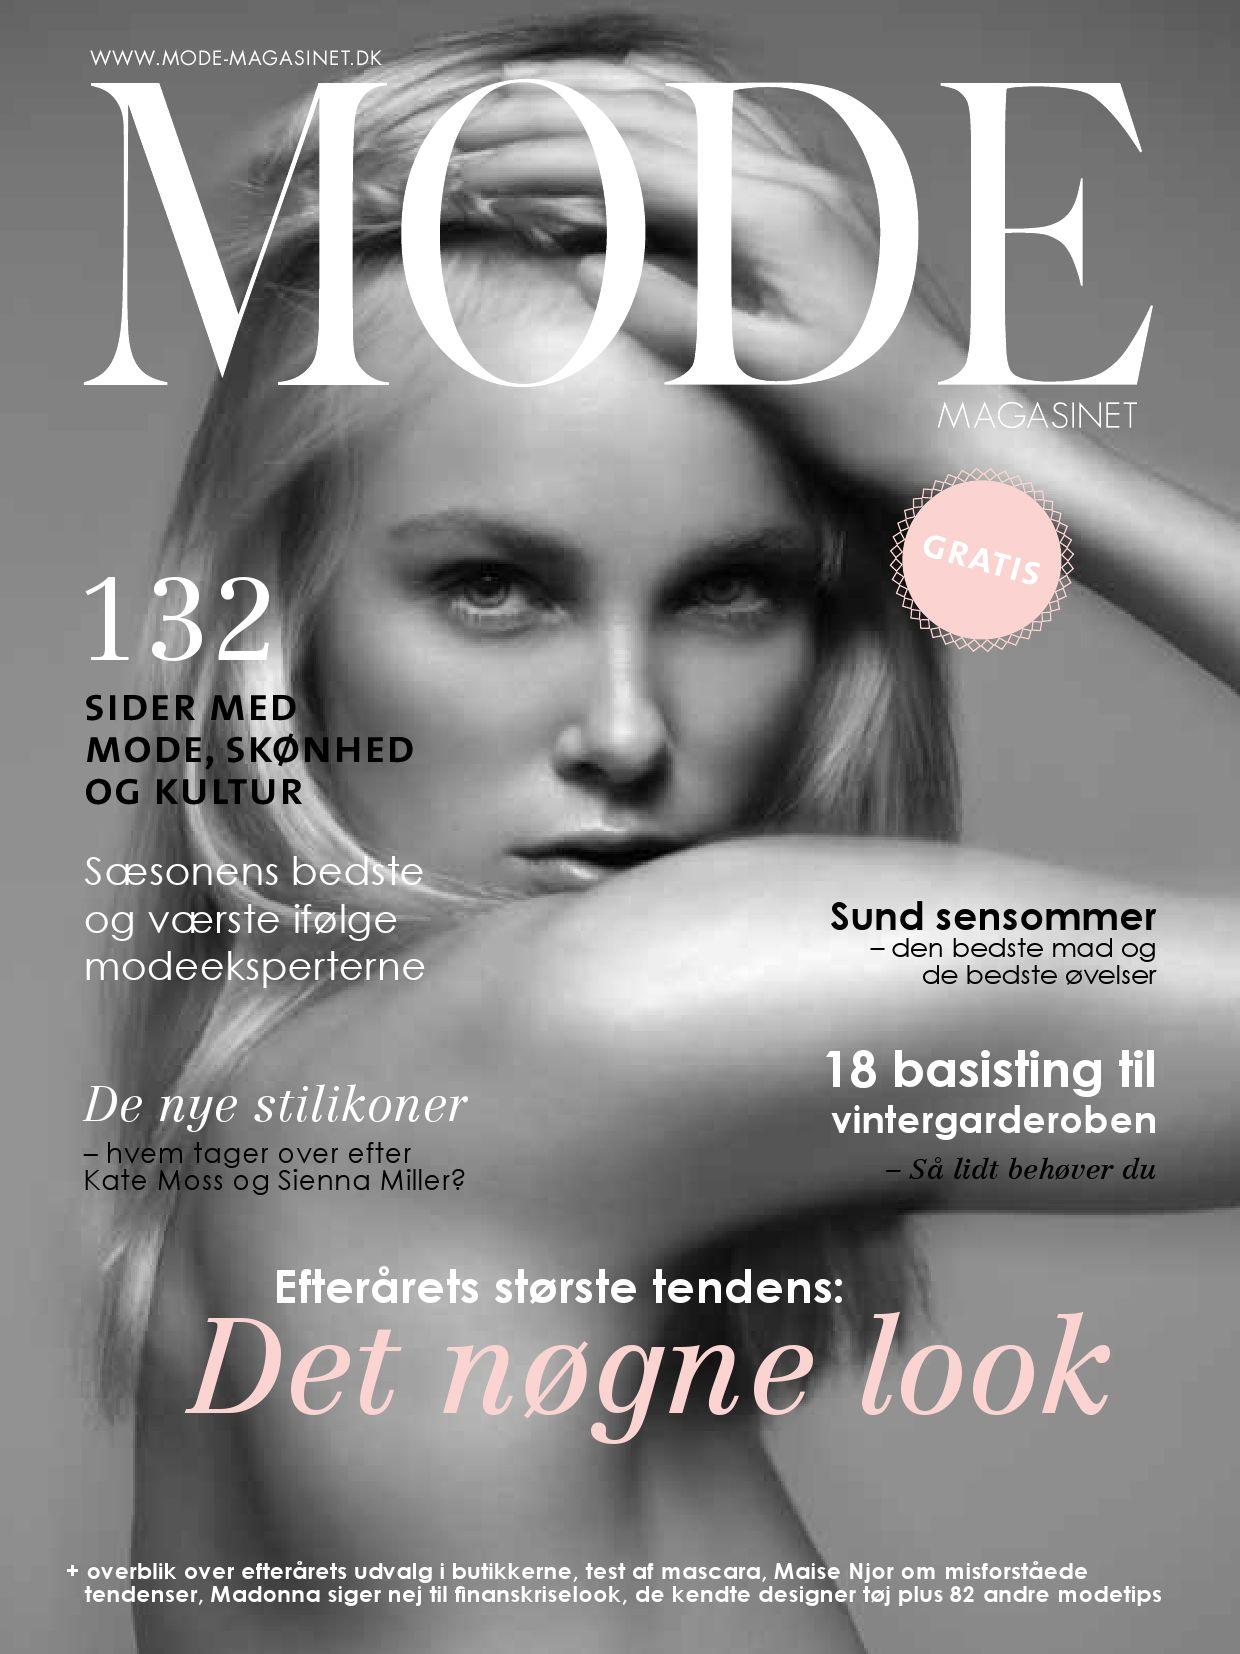 ae628702bdc3 ModeMagasinet august09 by Mathilde Holkenfeldt Behrendt - issuu